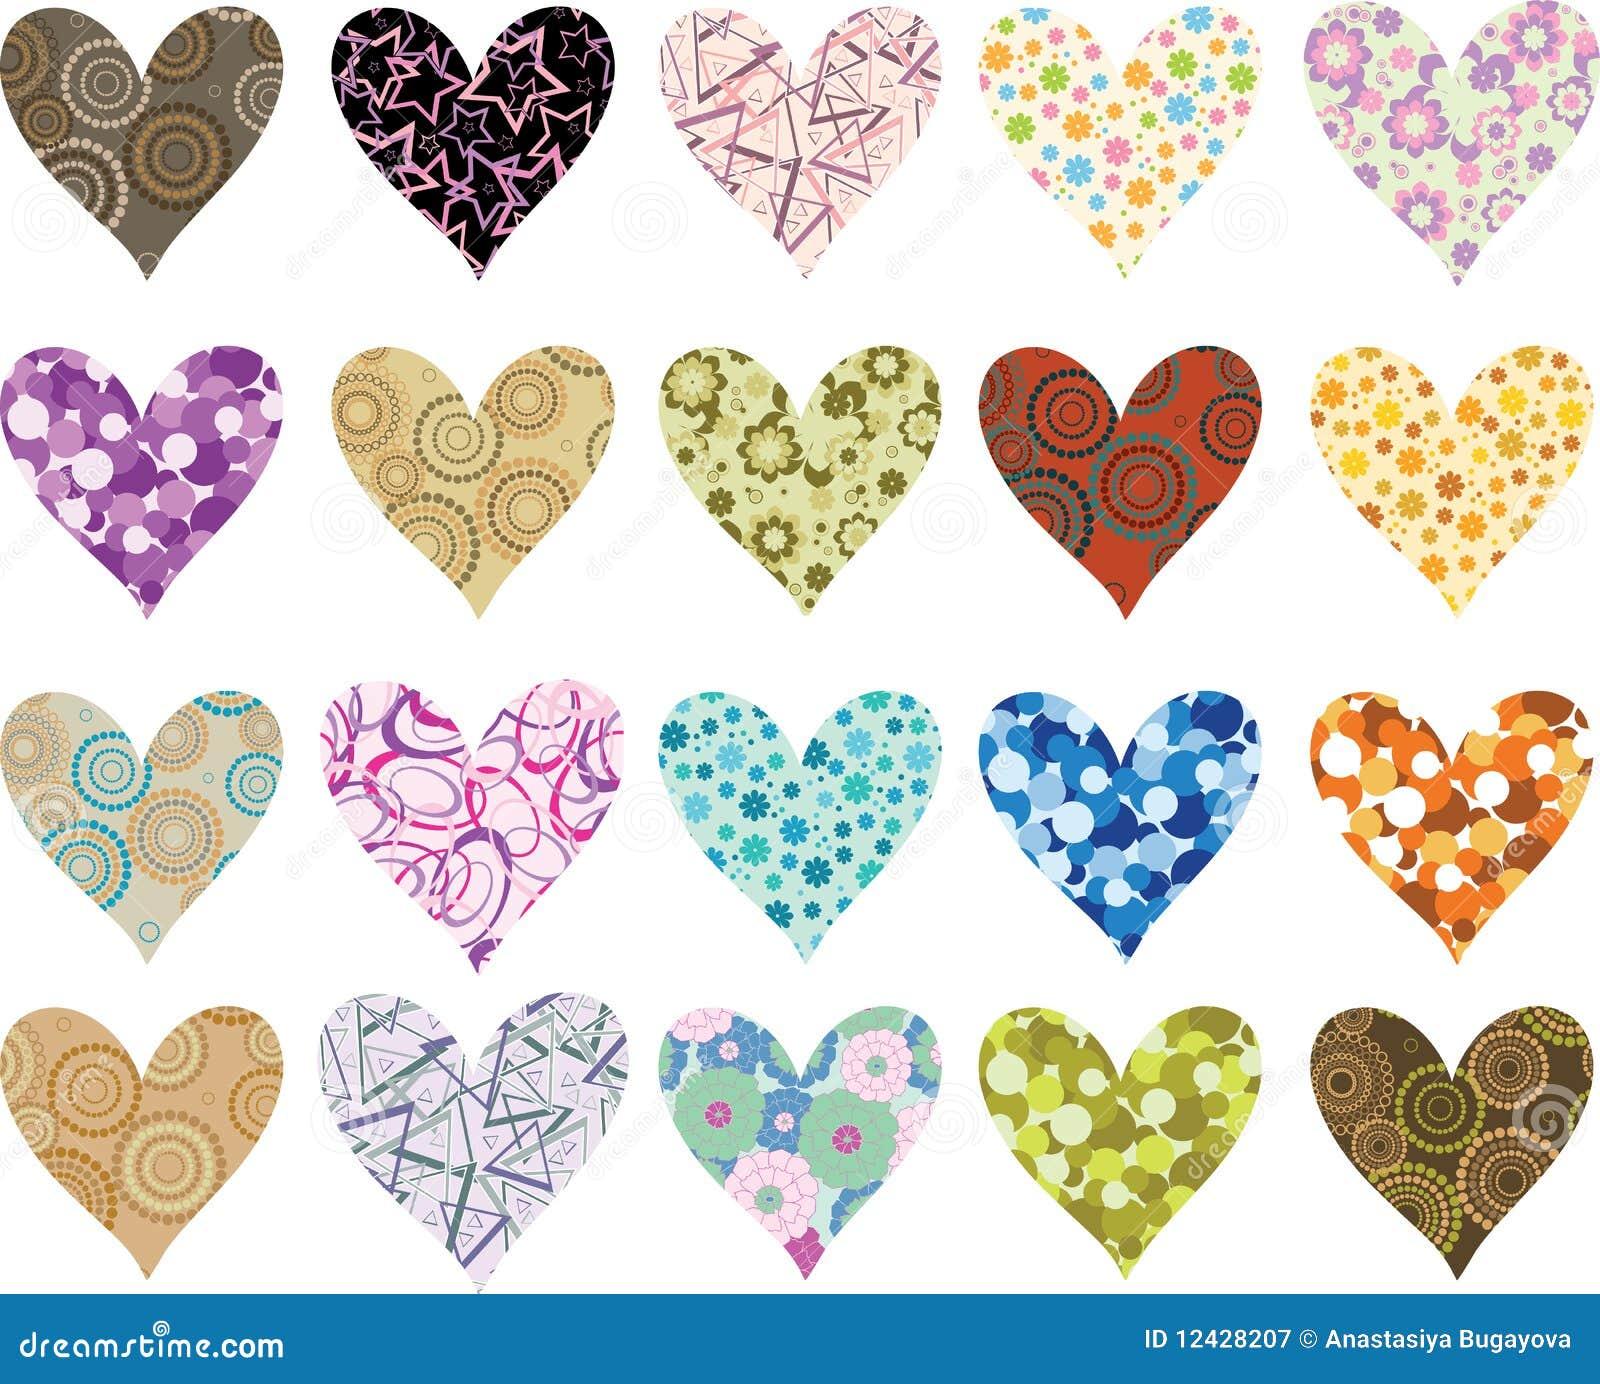 Hjärtor ställde in valentiner